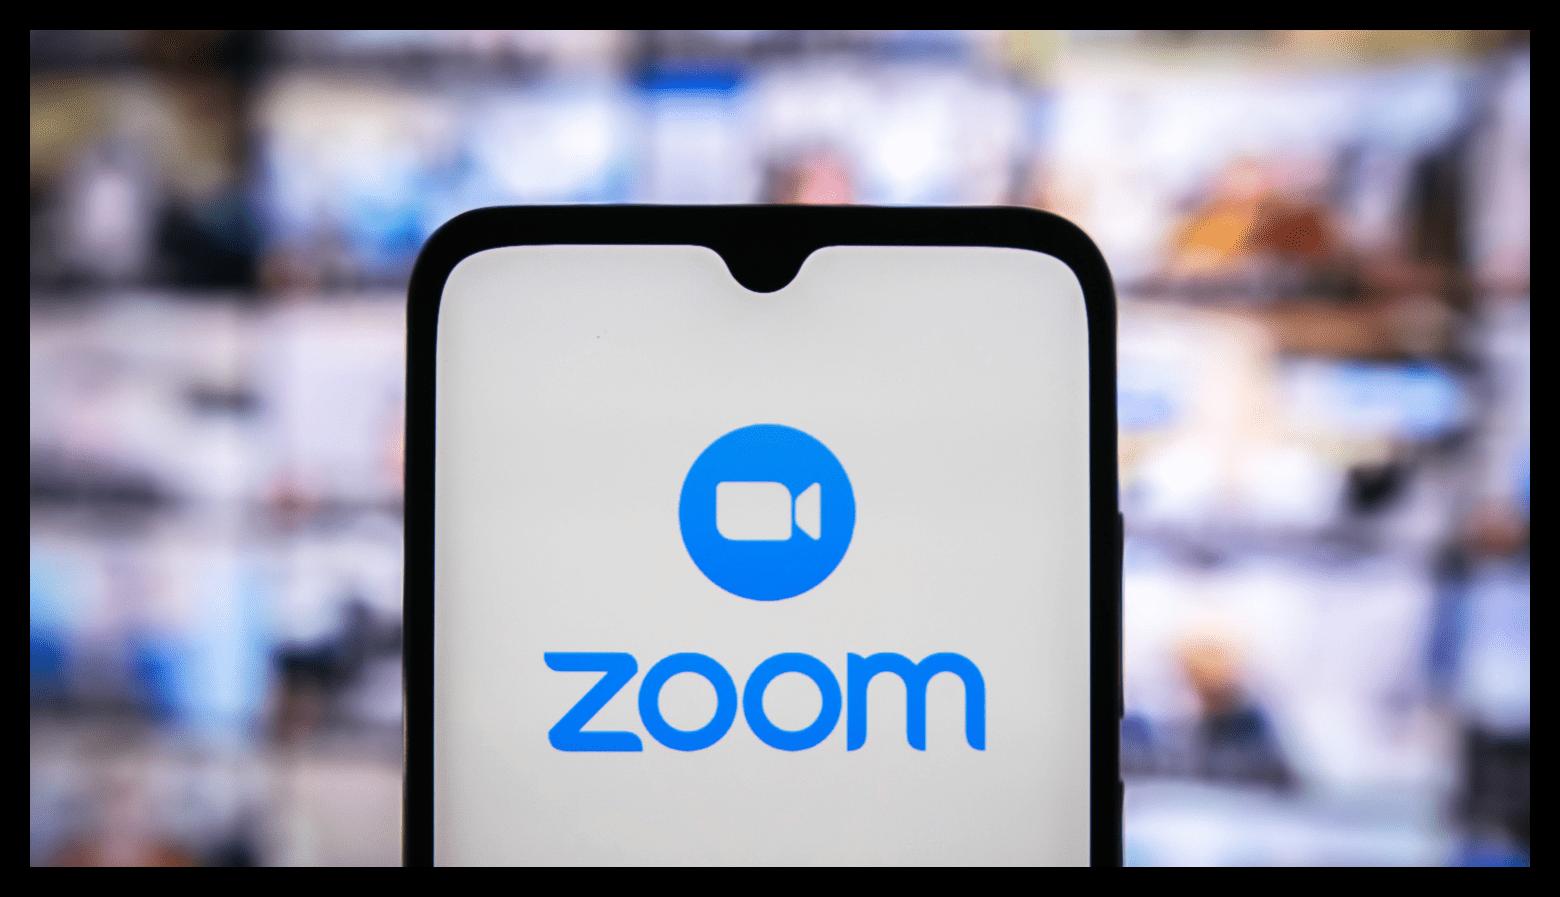 Картинка Телефон с Zoom